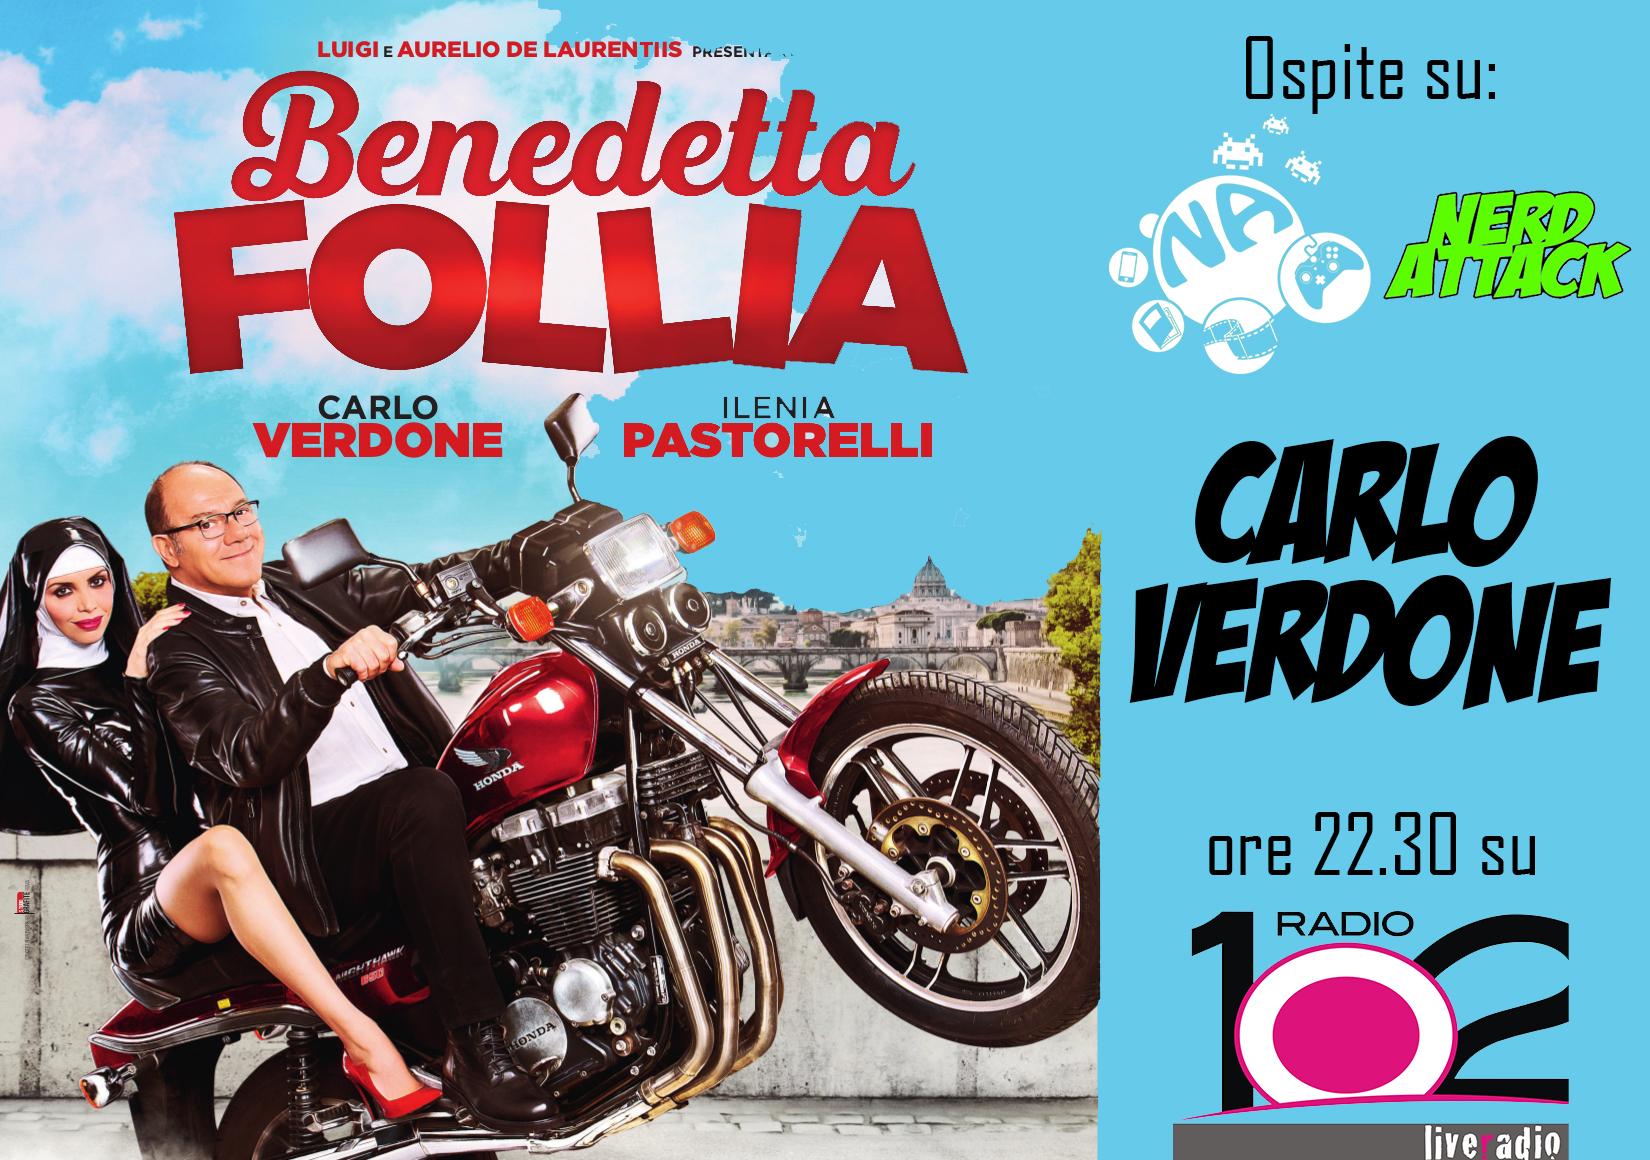 Carlo Verdone su Nerd Attack!